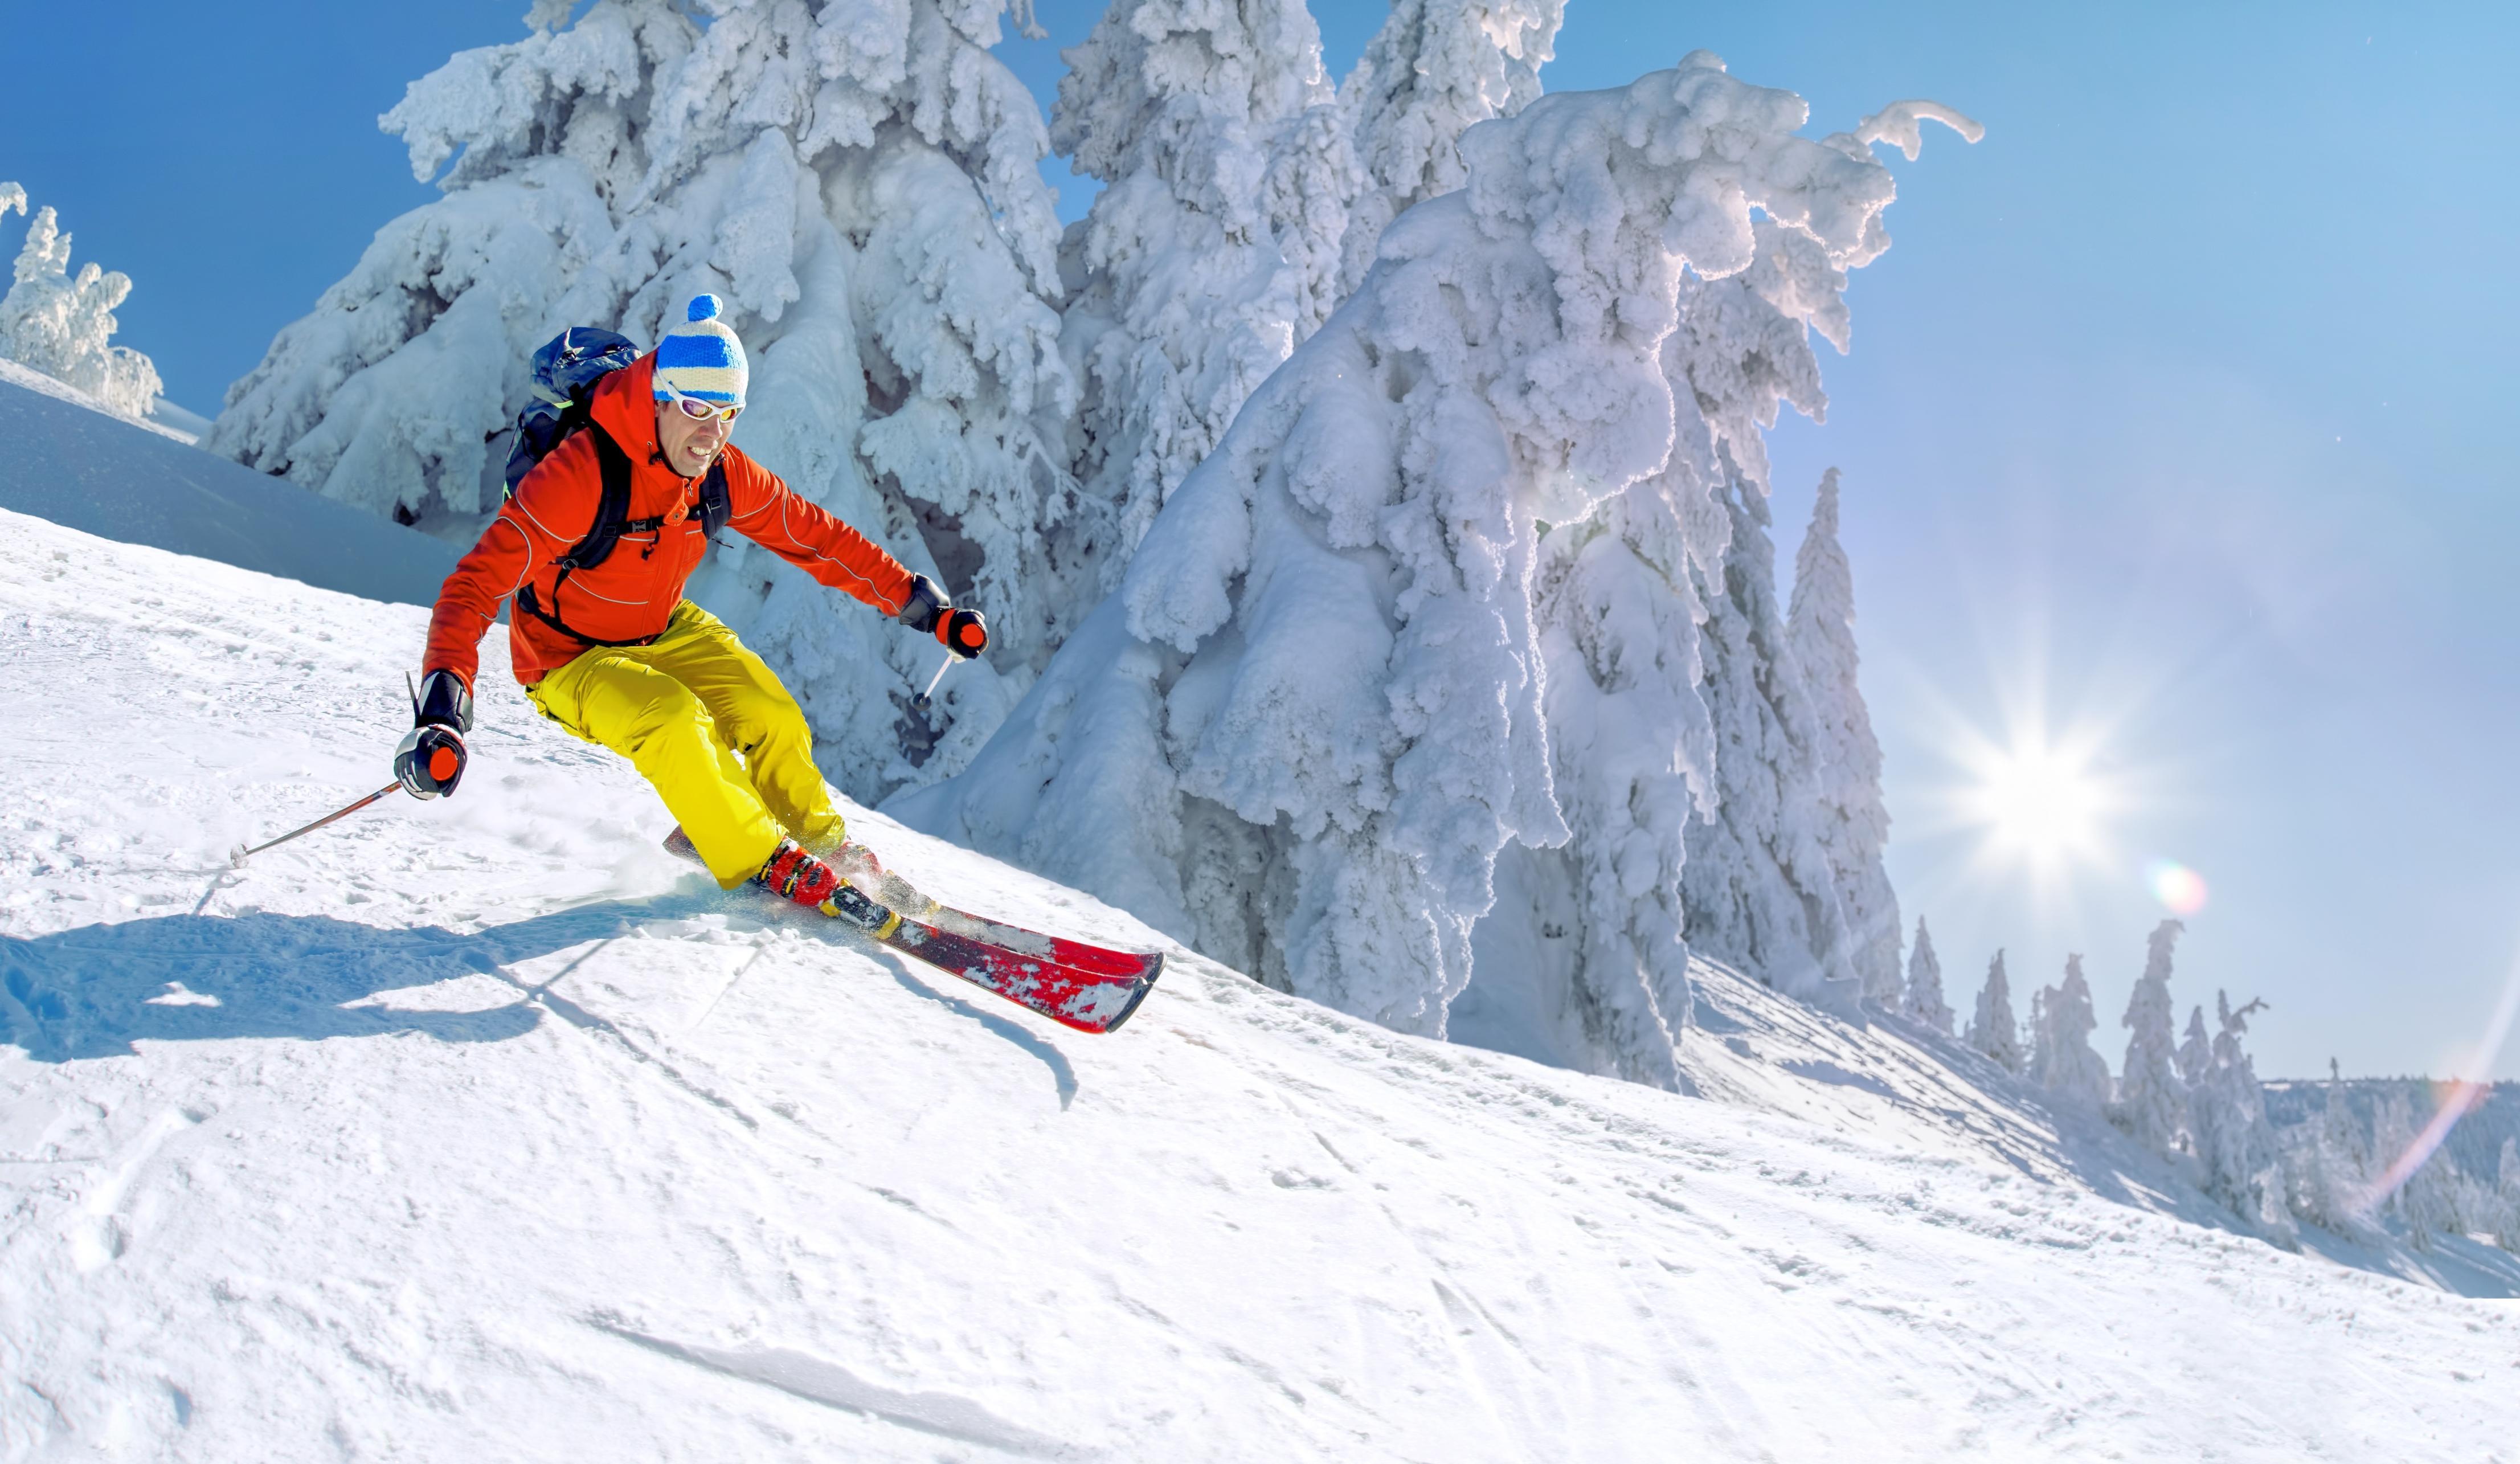 魯能勝地滑雪場